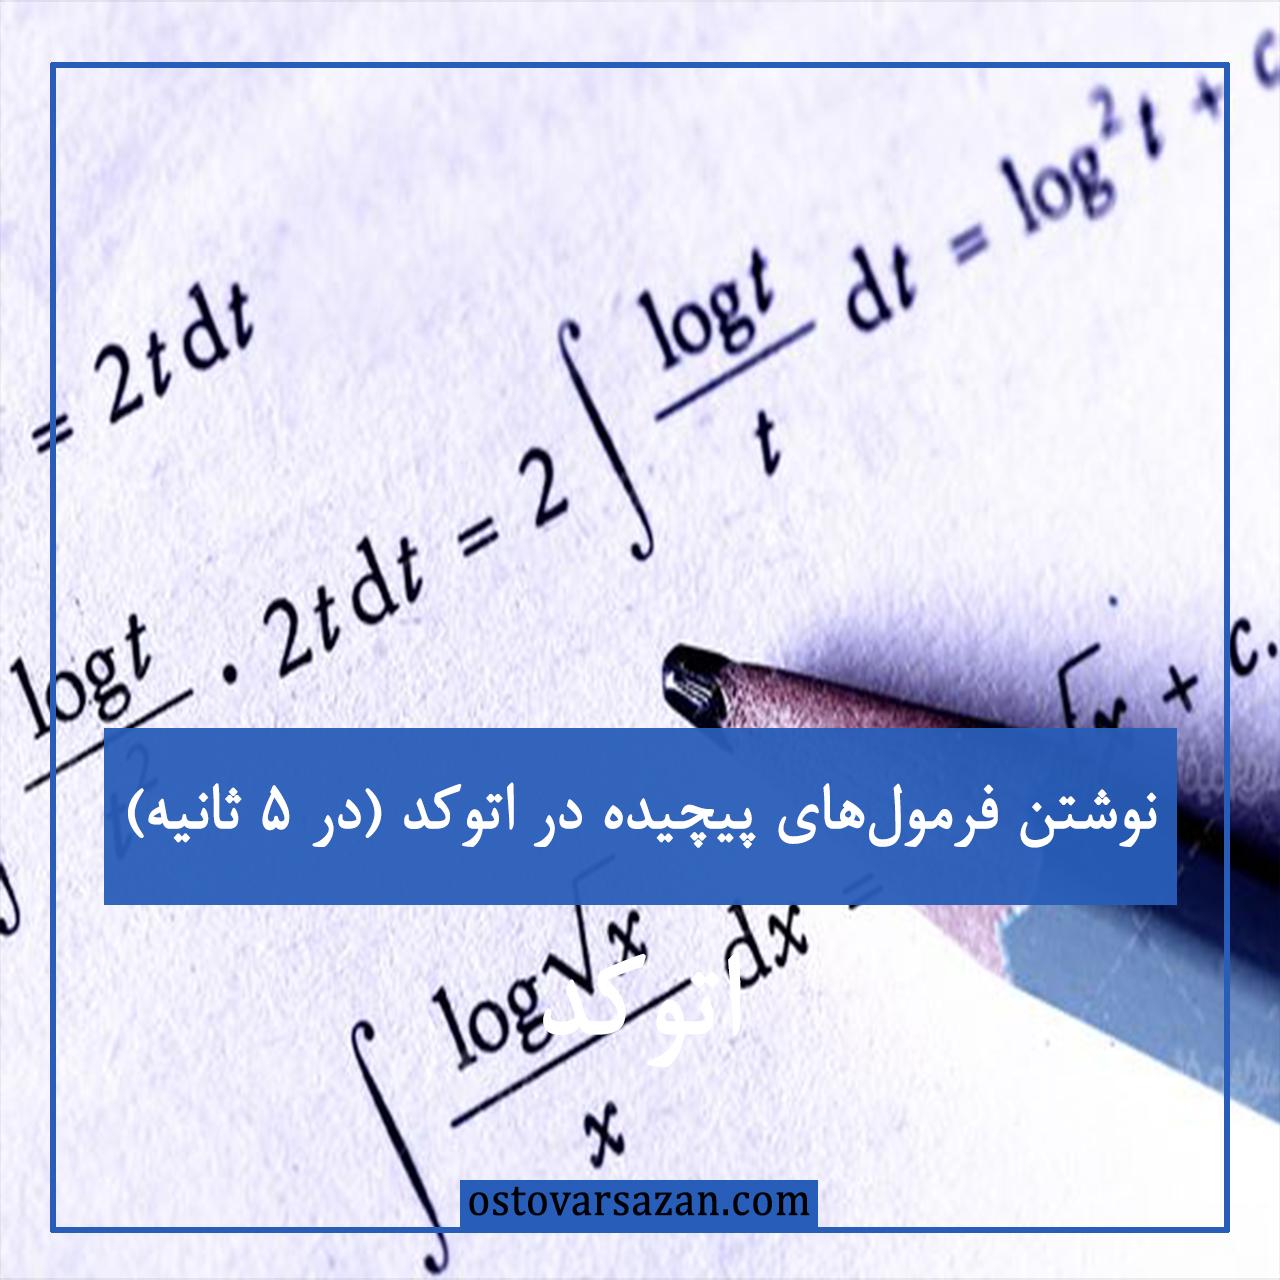 روش نوشتن فرمول در اتوکد - استوارسازان